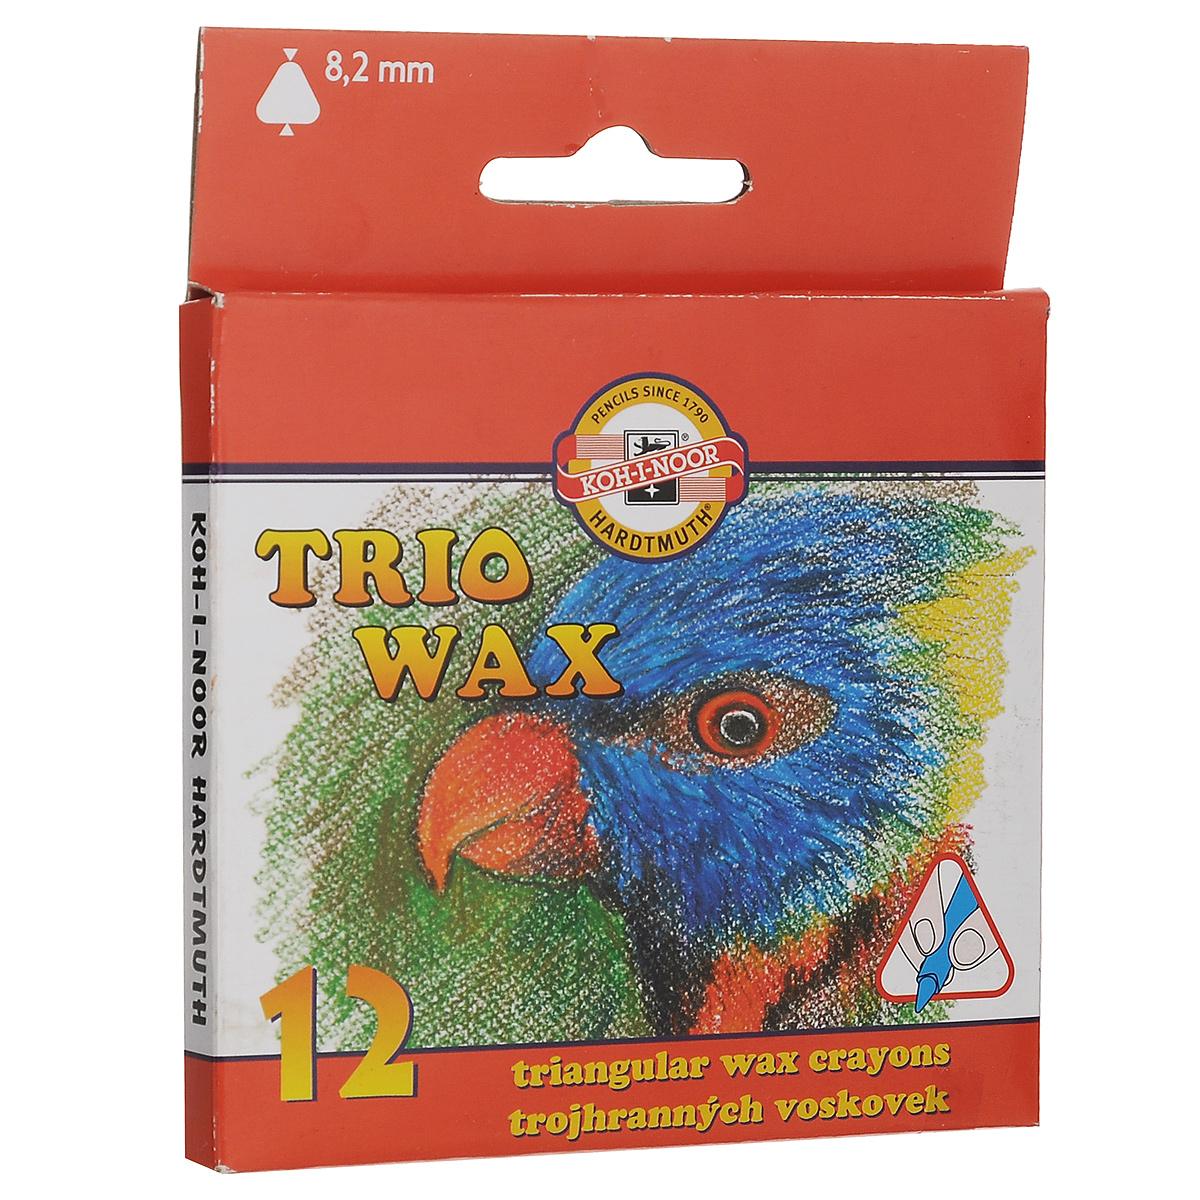 Пастель восковая Koh-i-Noor Trio Wax, трехгранная, 12 цветов карандаши восковые мелки пастель koh i noor мелки восковые 6 цветов